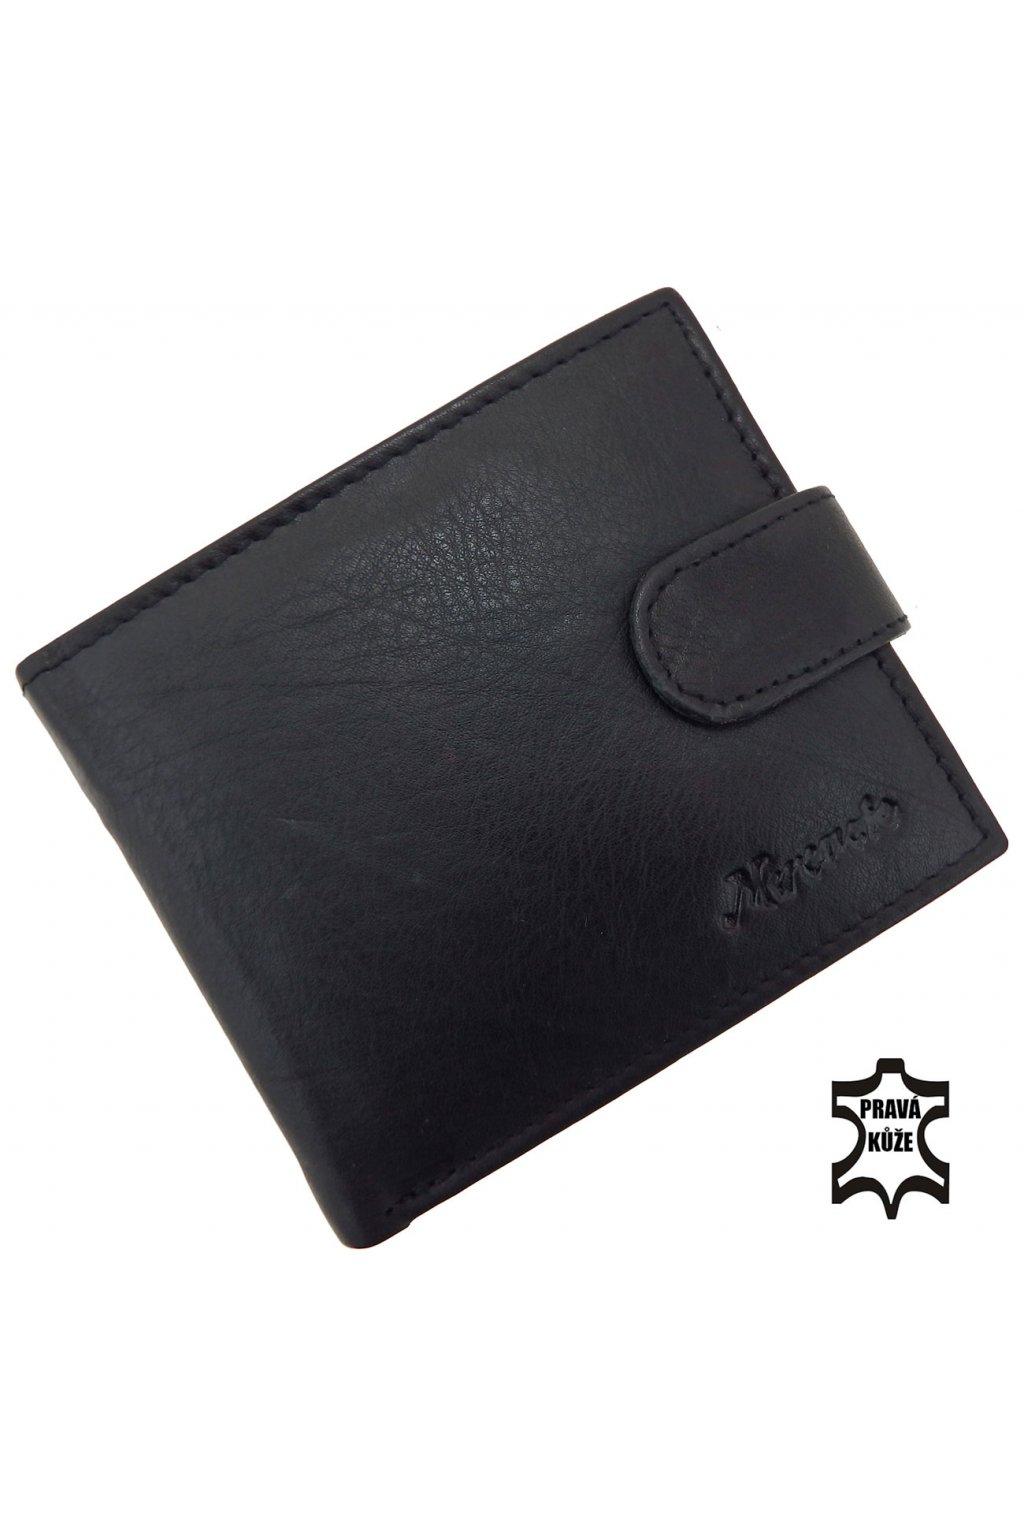 panska kozena penezenka pkp06 2311791 c